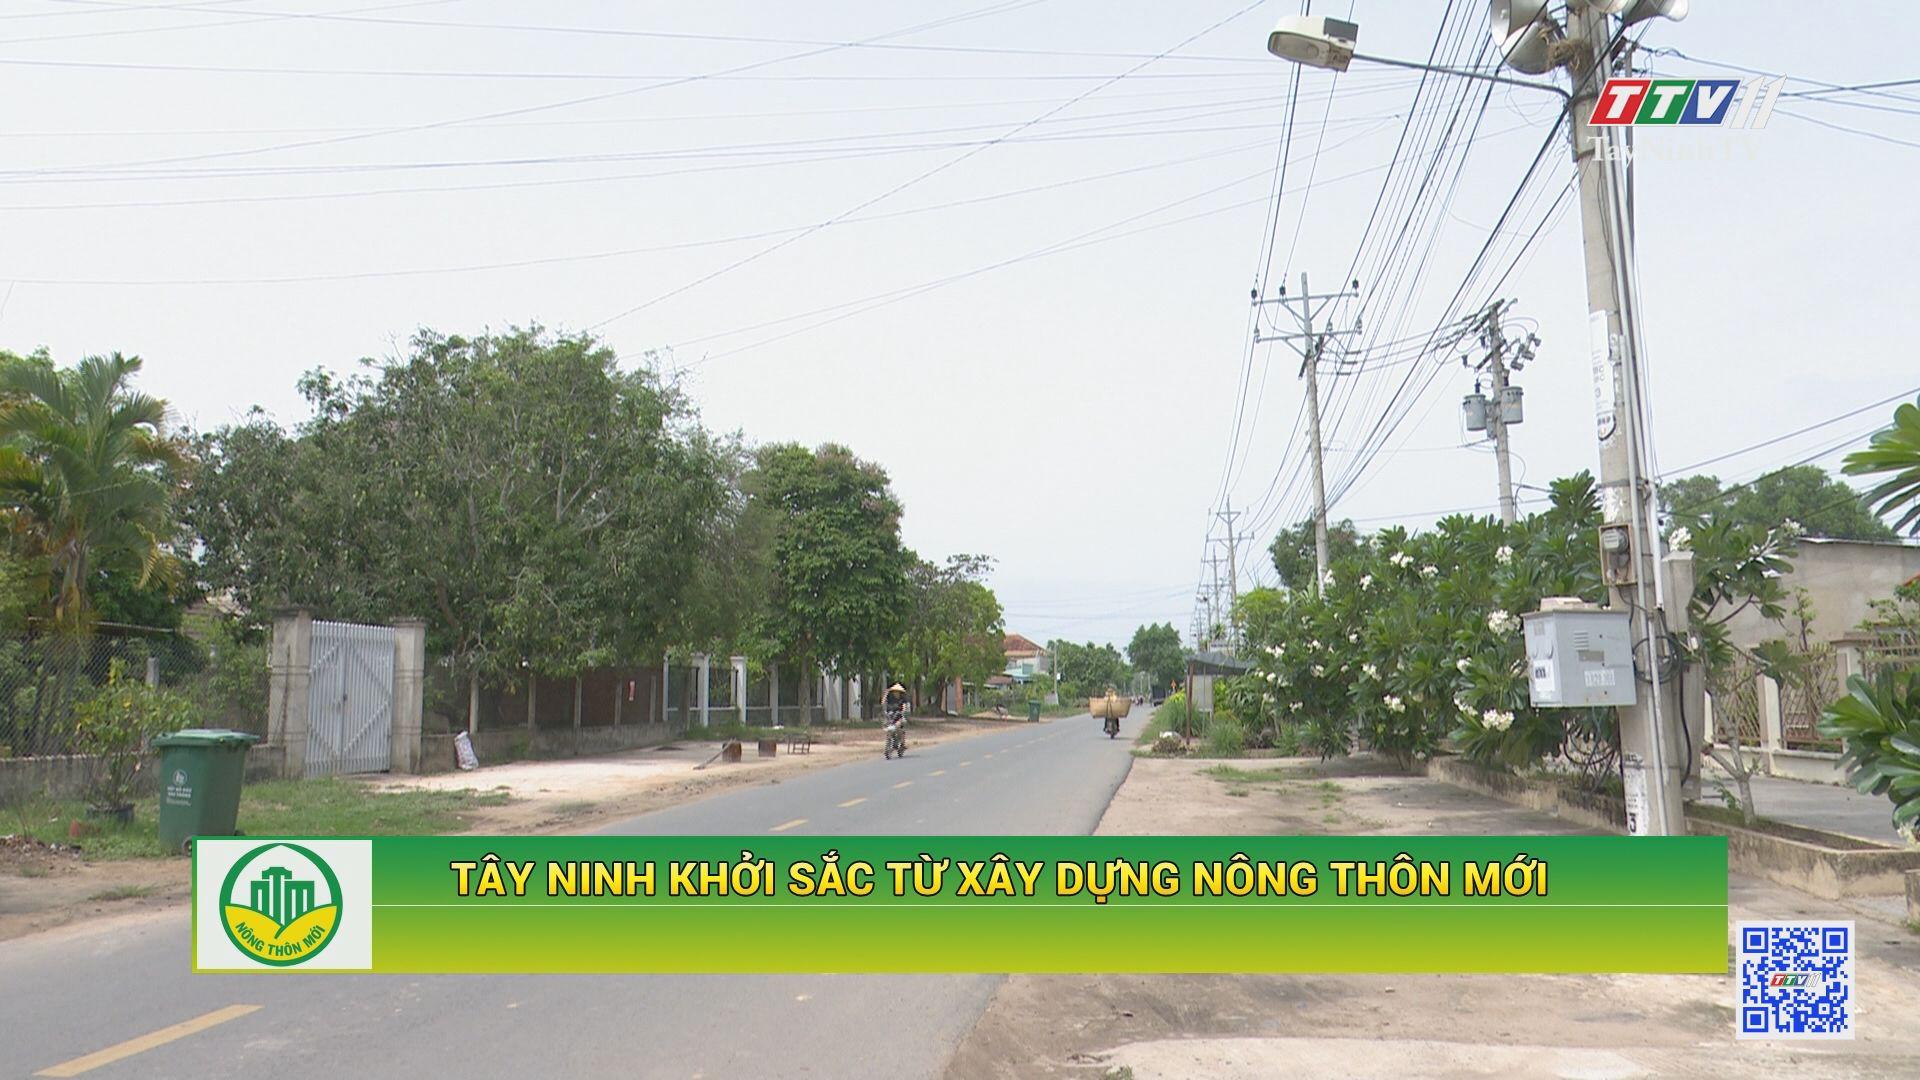 Tây Ninh khởi sắc từ xây dựng nông thôn mới   TÂY NINH XÂY DỰNG NÔNG MỚI   TayNinhTV